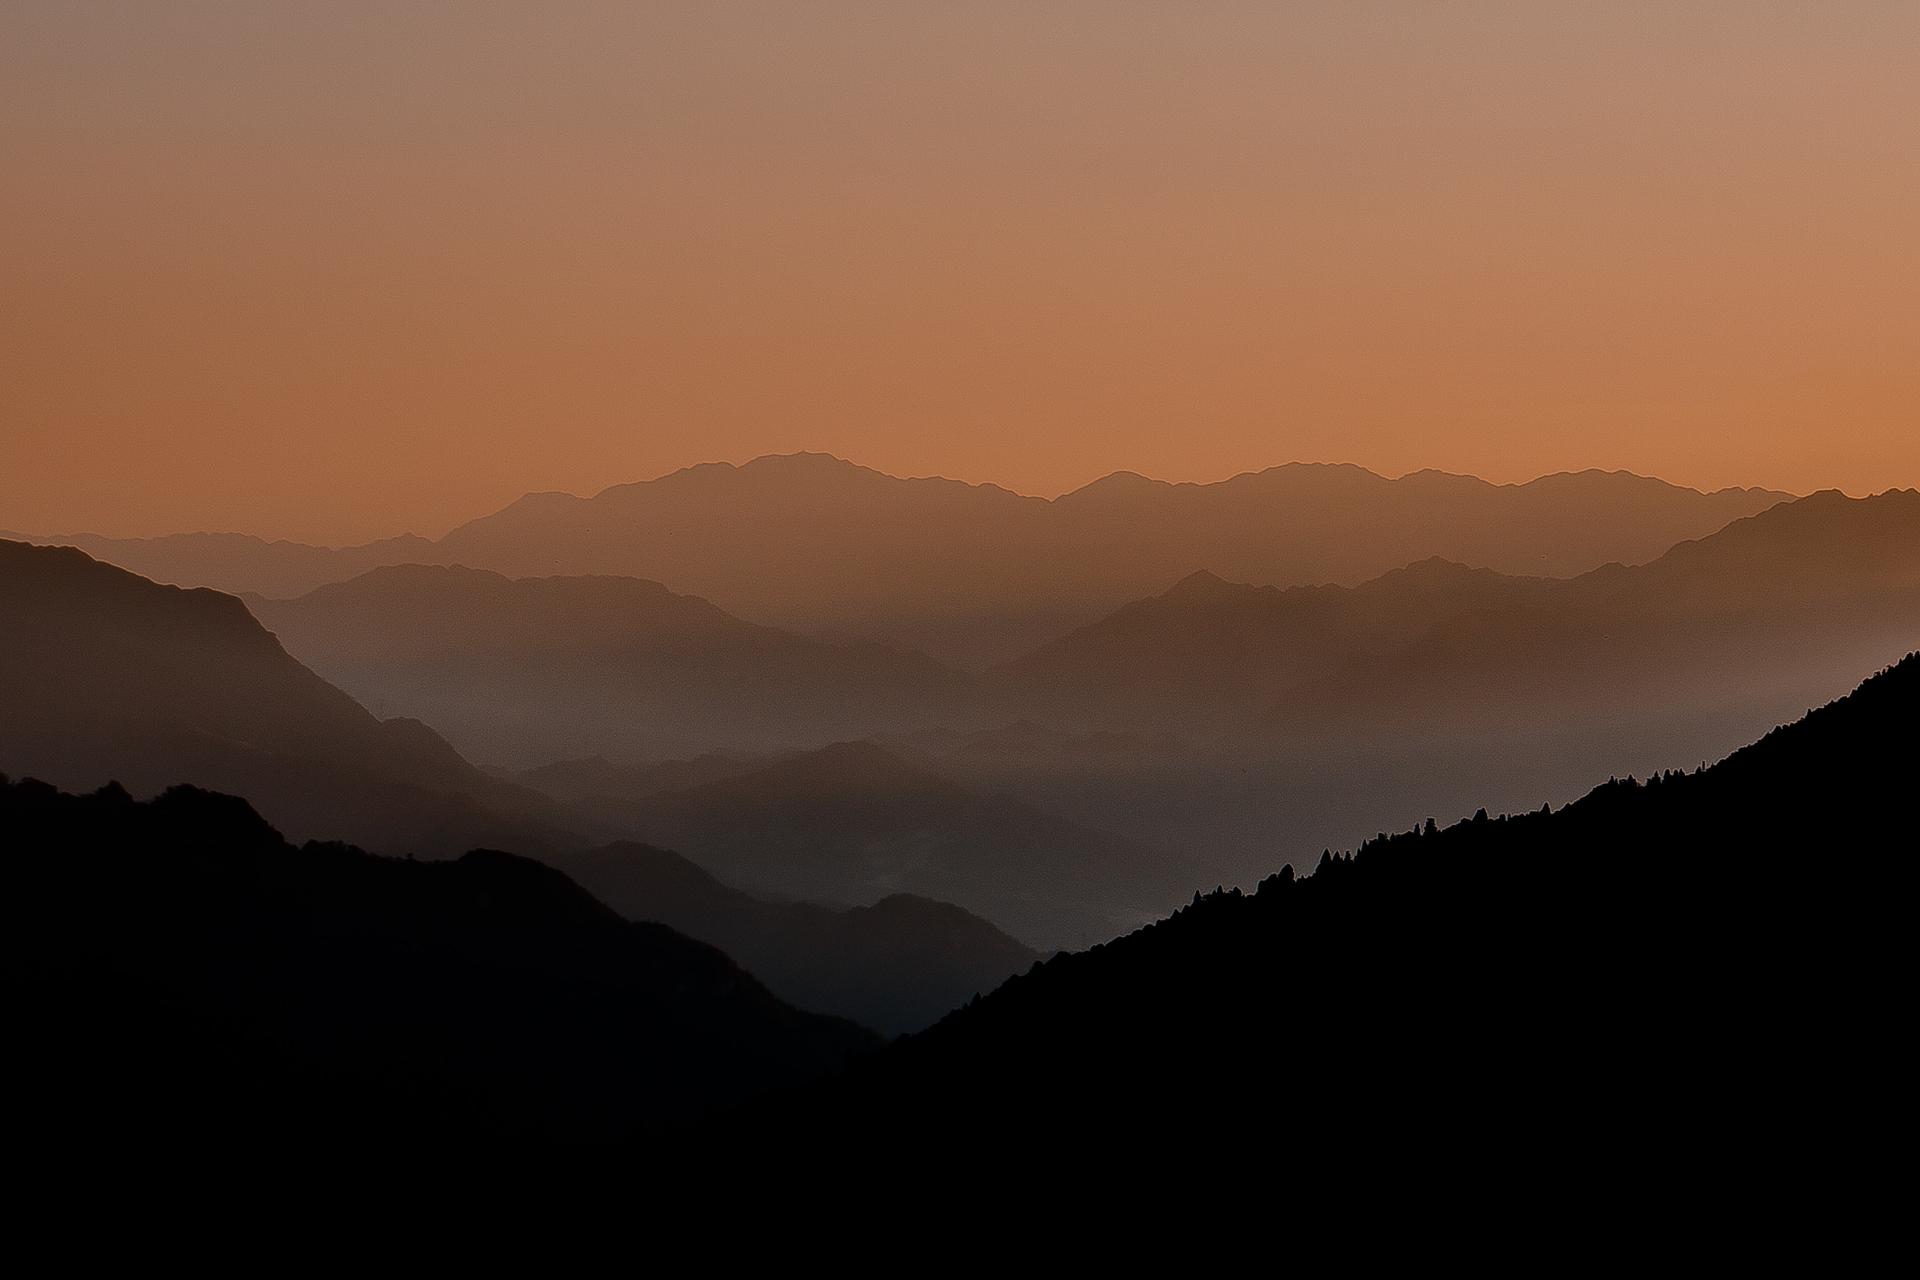 sunrise background image